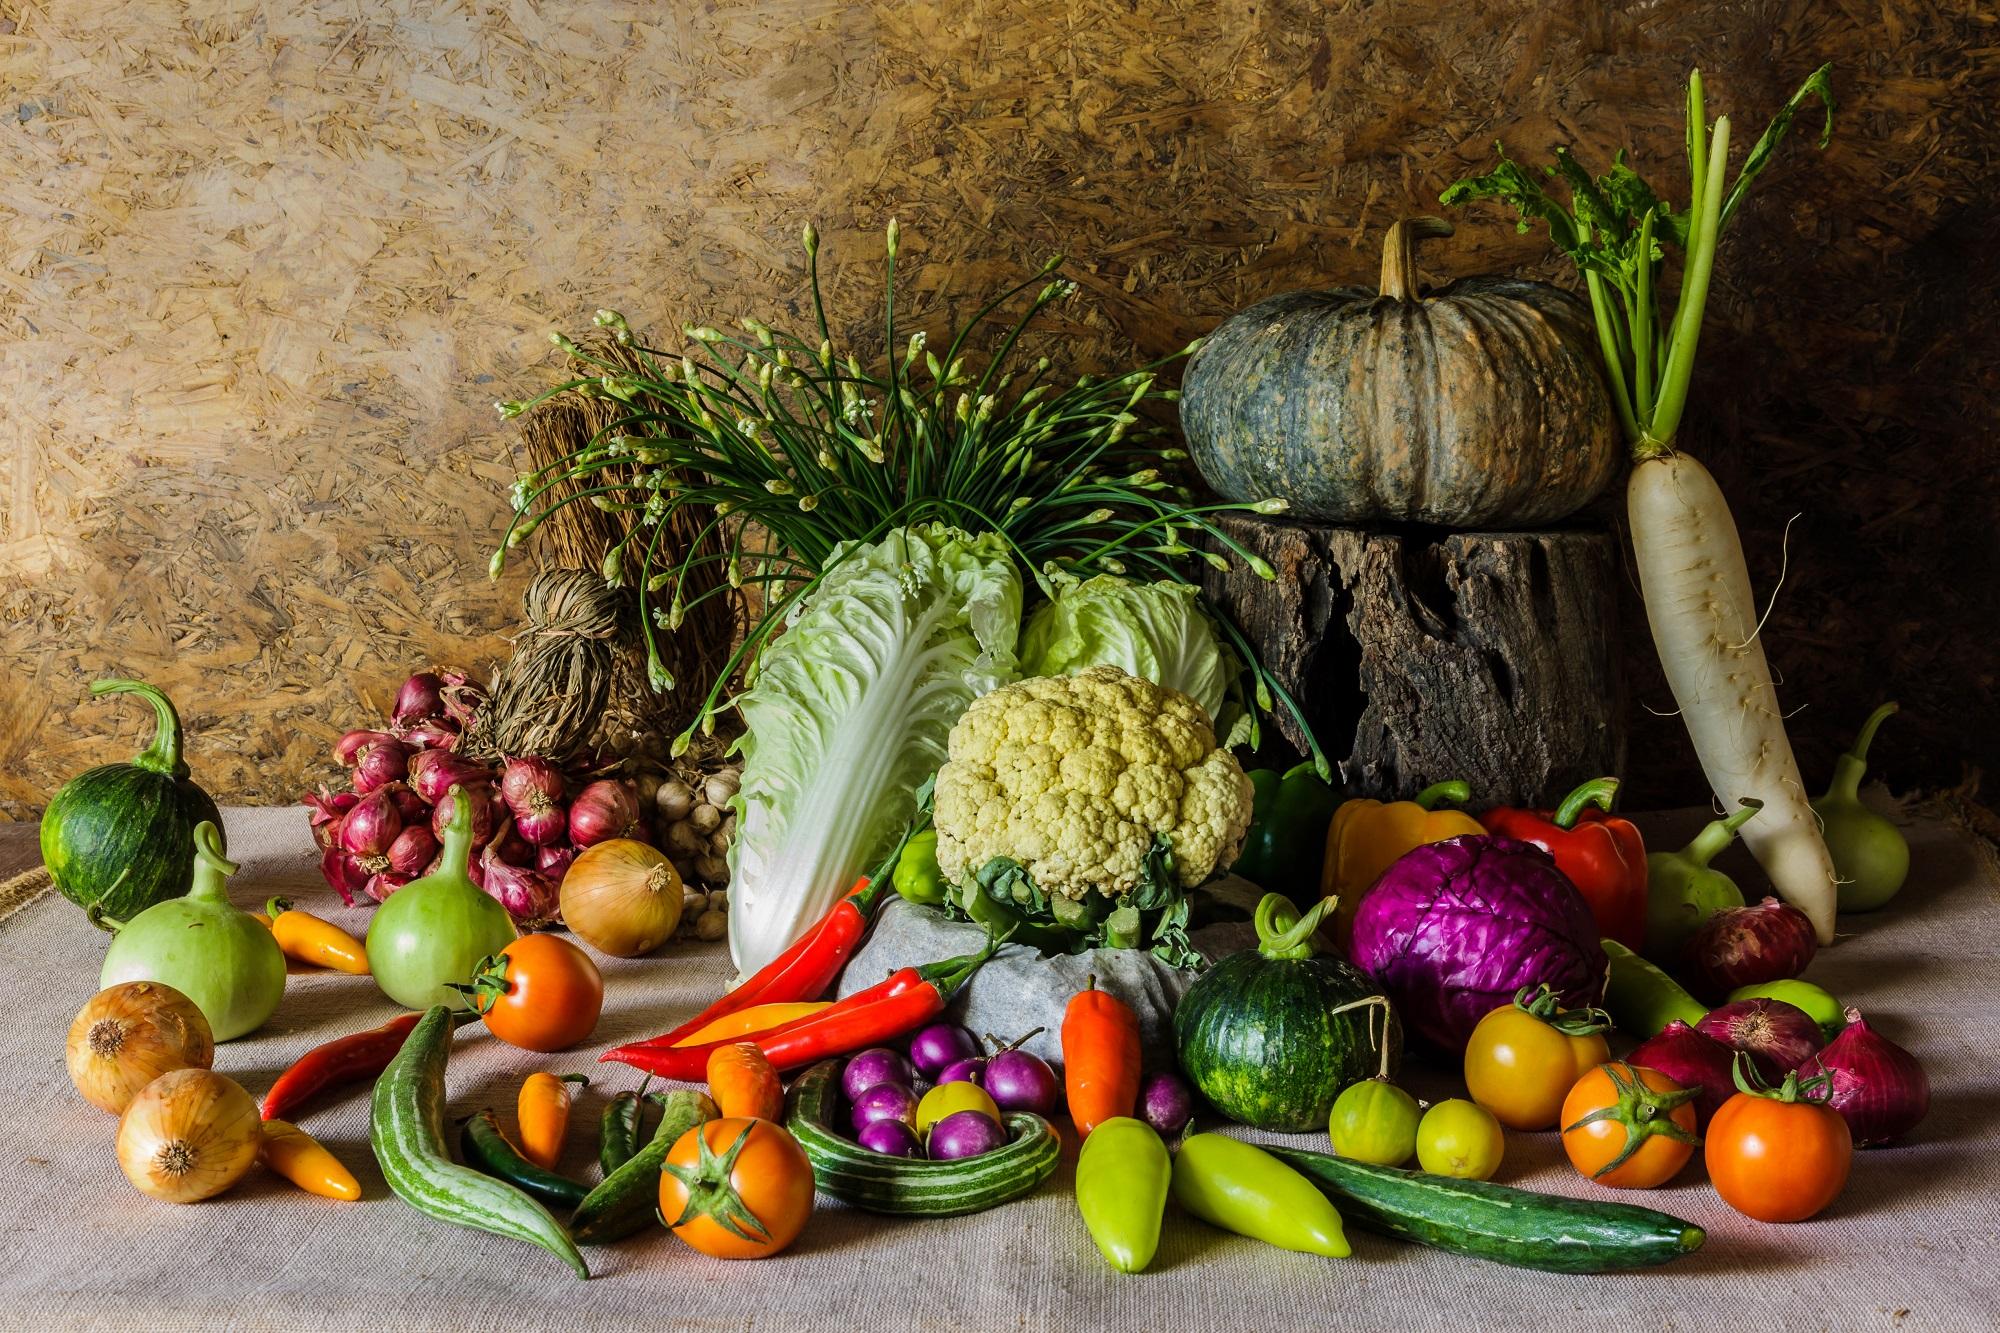 Календарь садовода и огородника 2018. Источник фото: Shutterstock